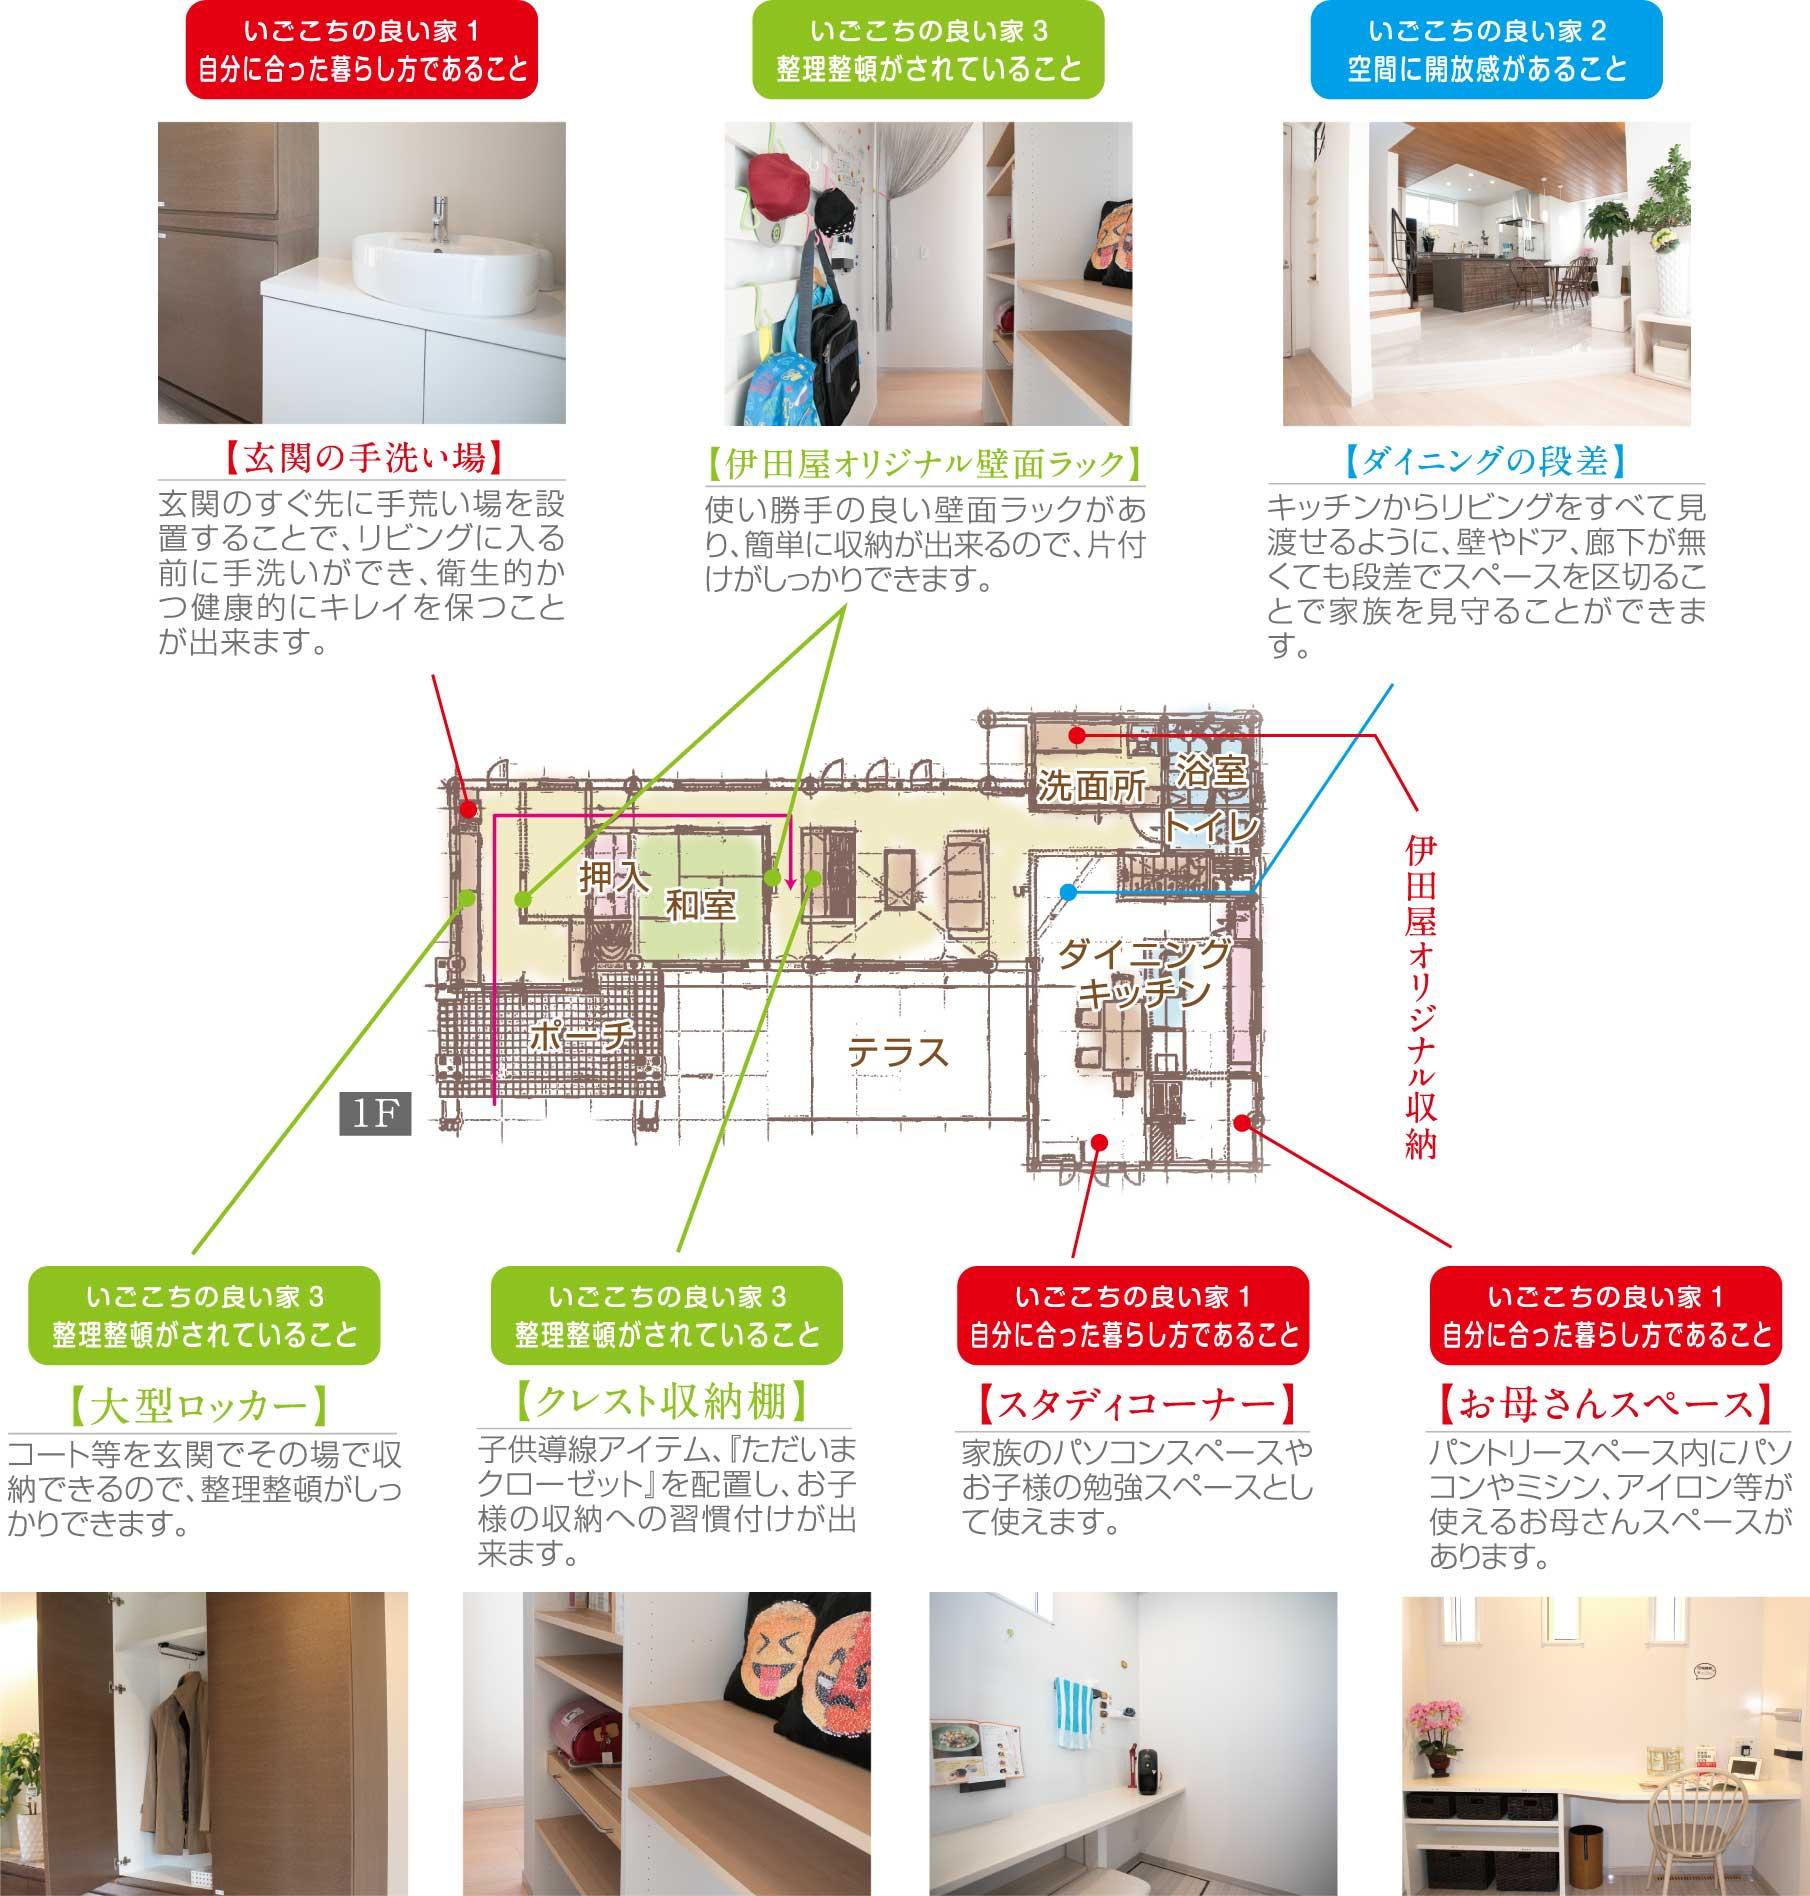 岐阜市茜部にある注文住宅展示場の1階間取り図。居心地の良い家にするためのポイントを記載。